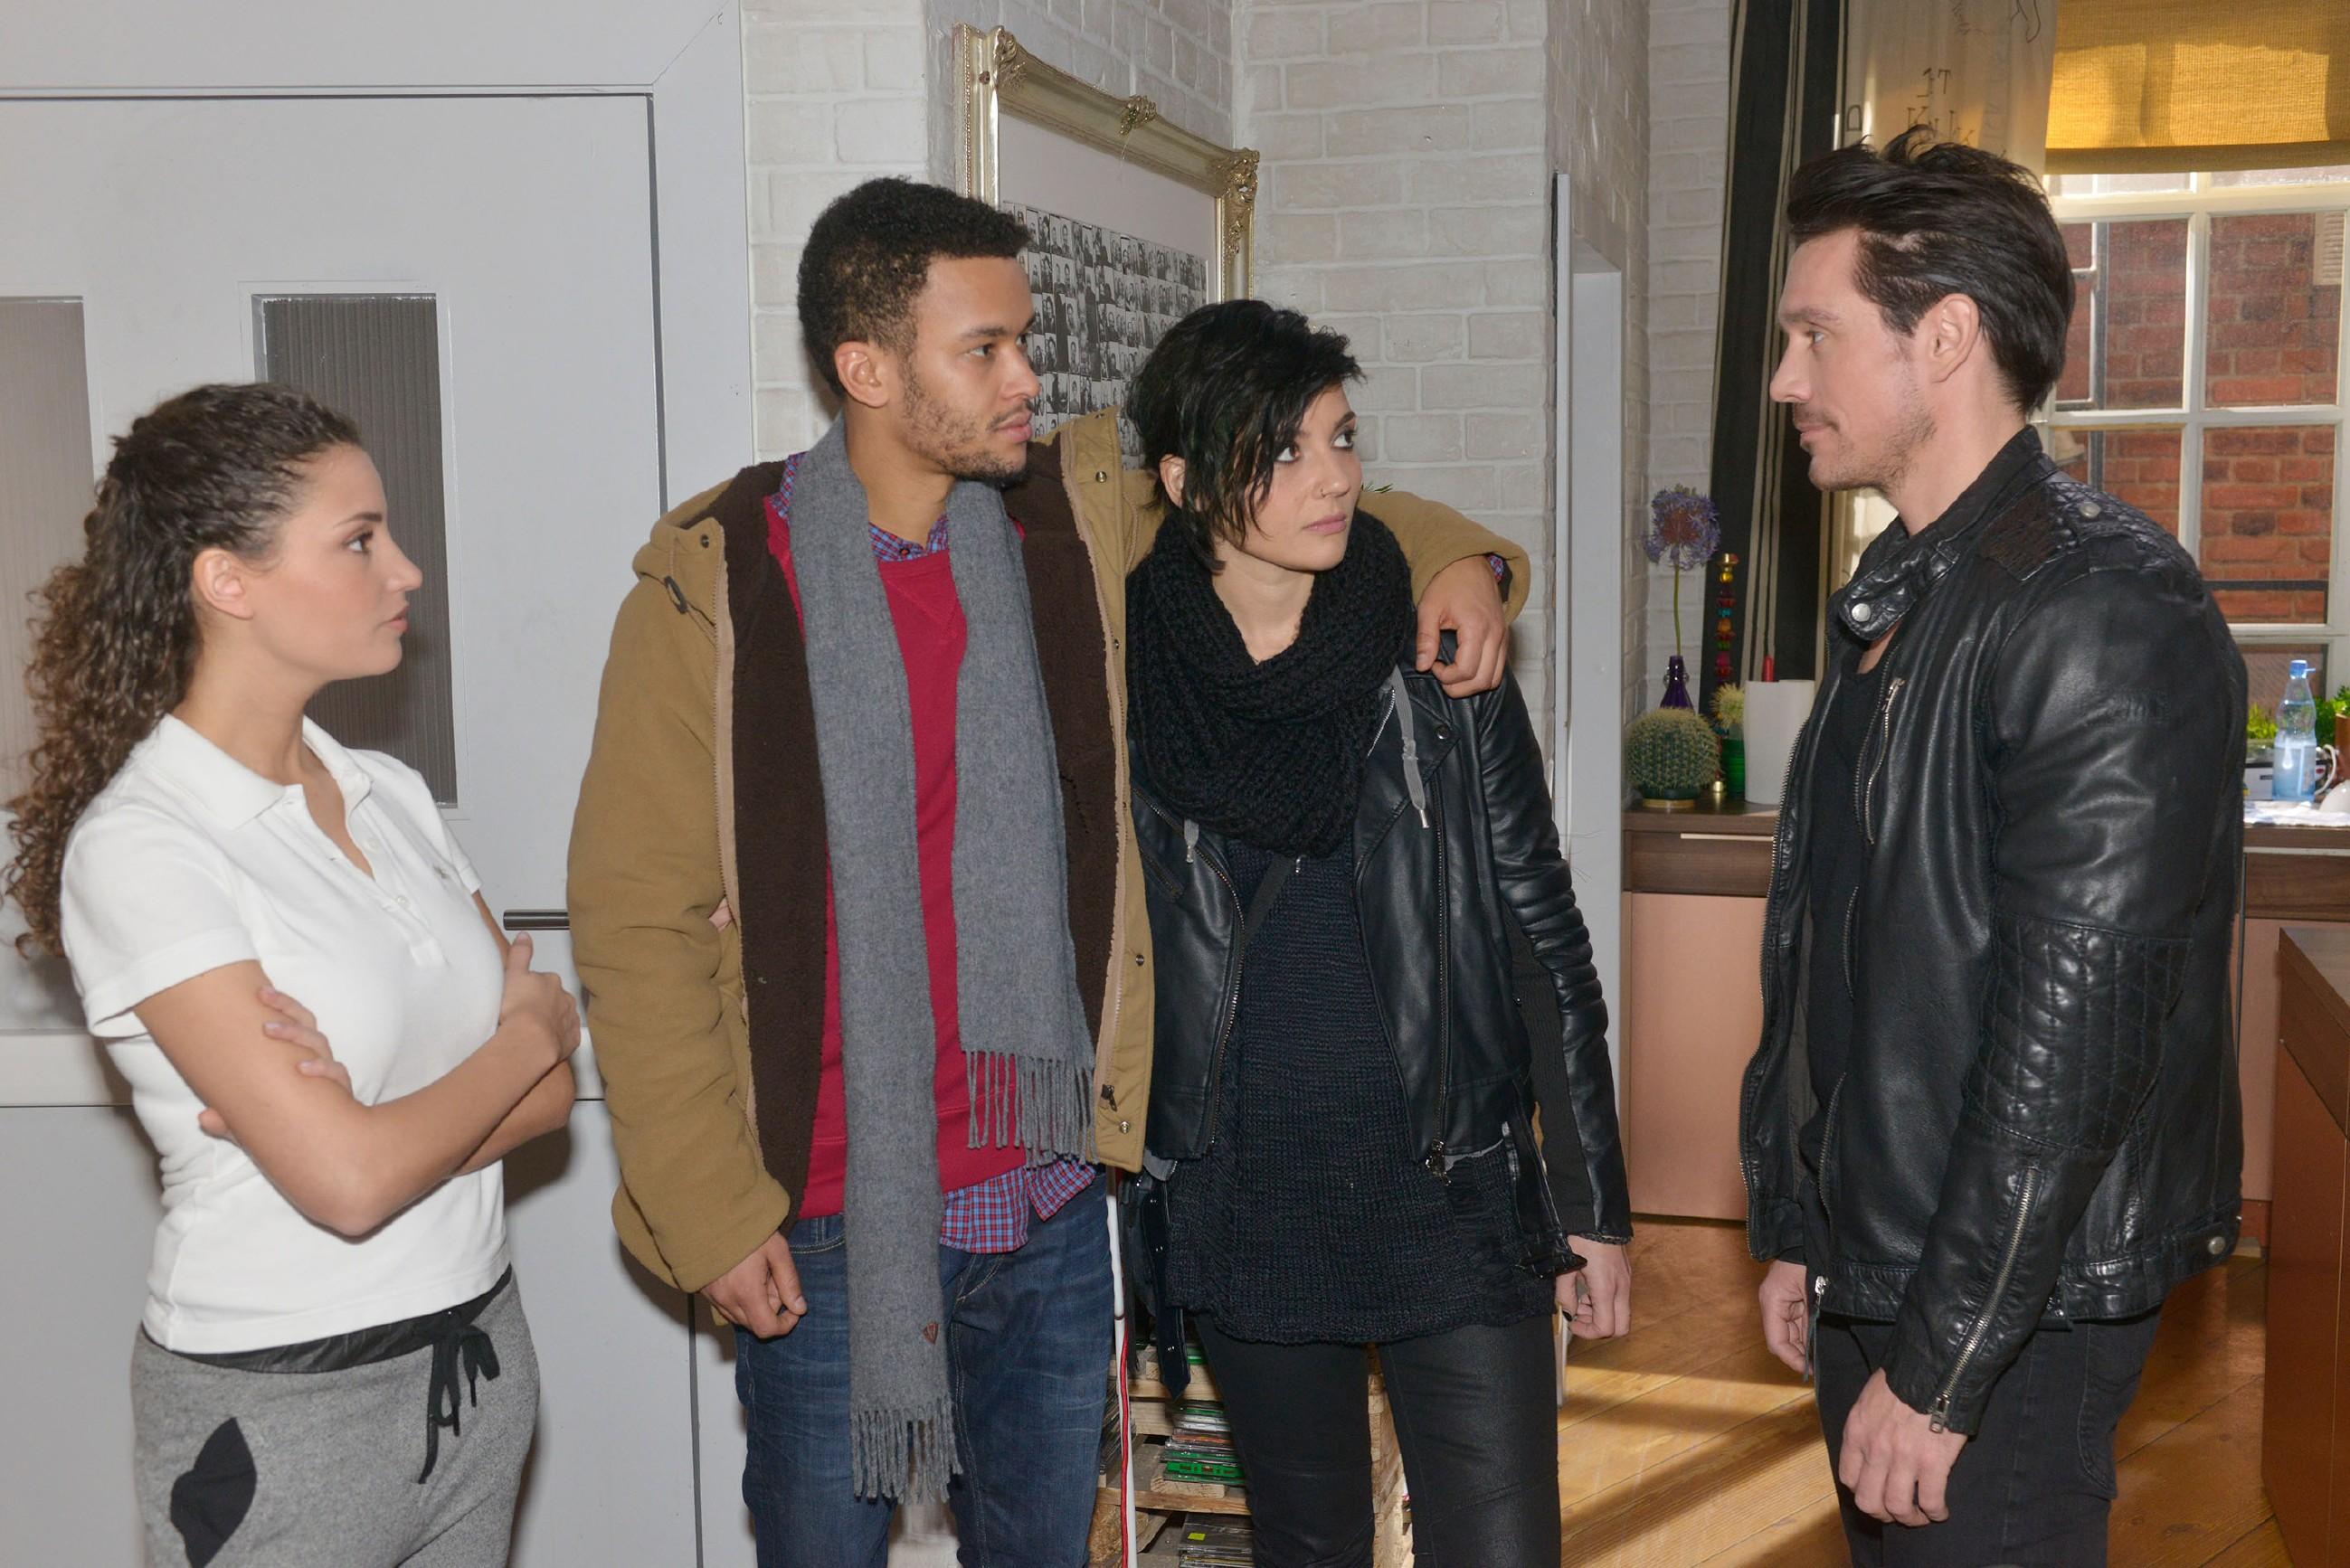 David (Philipp Christopher, r.) trifft auf Ayla (Nadine Menz, l.), Amar (Thando Walbaum) und Anni (Linda Marlen Runge) und registriert interessiert, wie nah sich Amar und Anni stehen. (Quelle: RTL / Rolf Baumgartner)